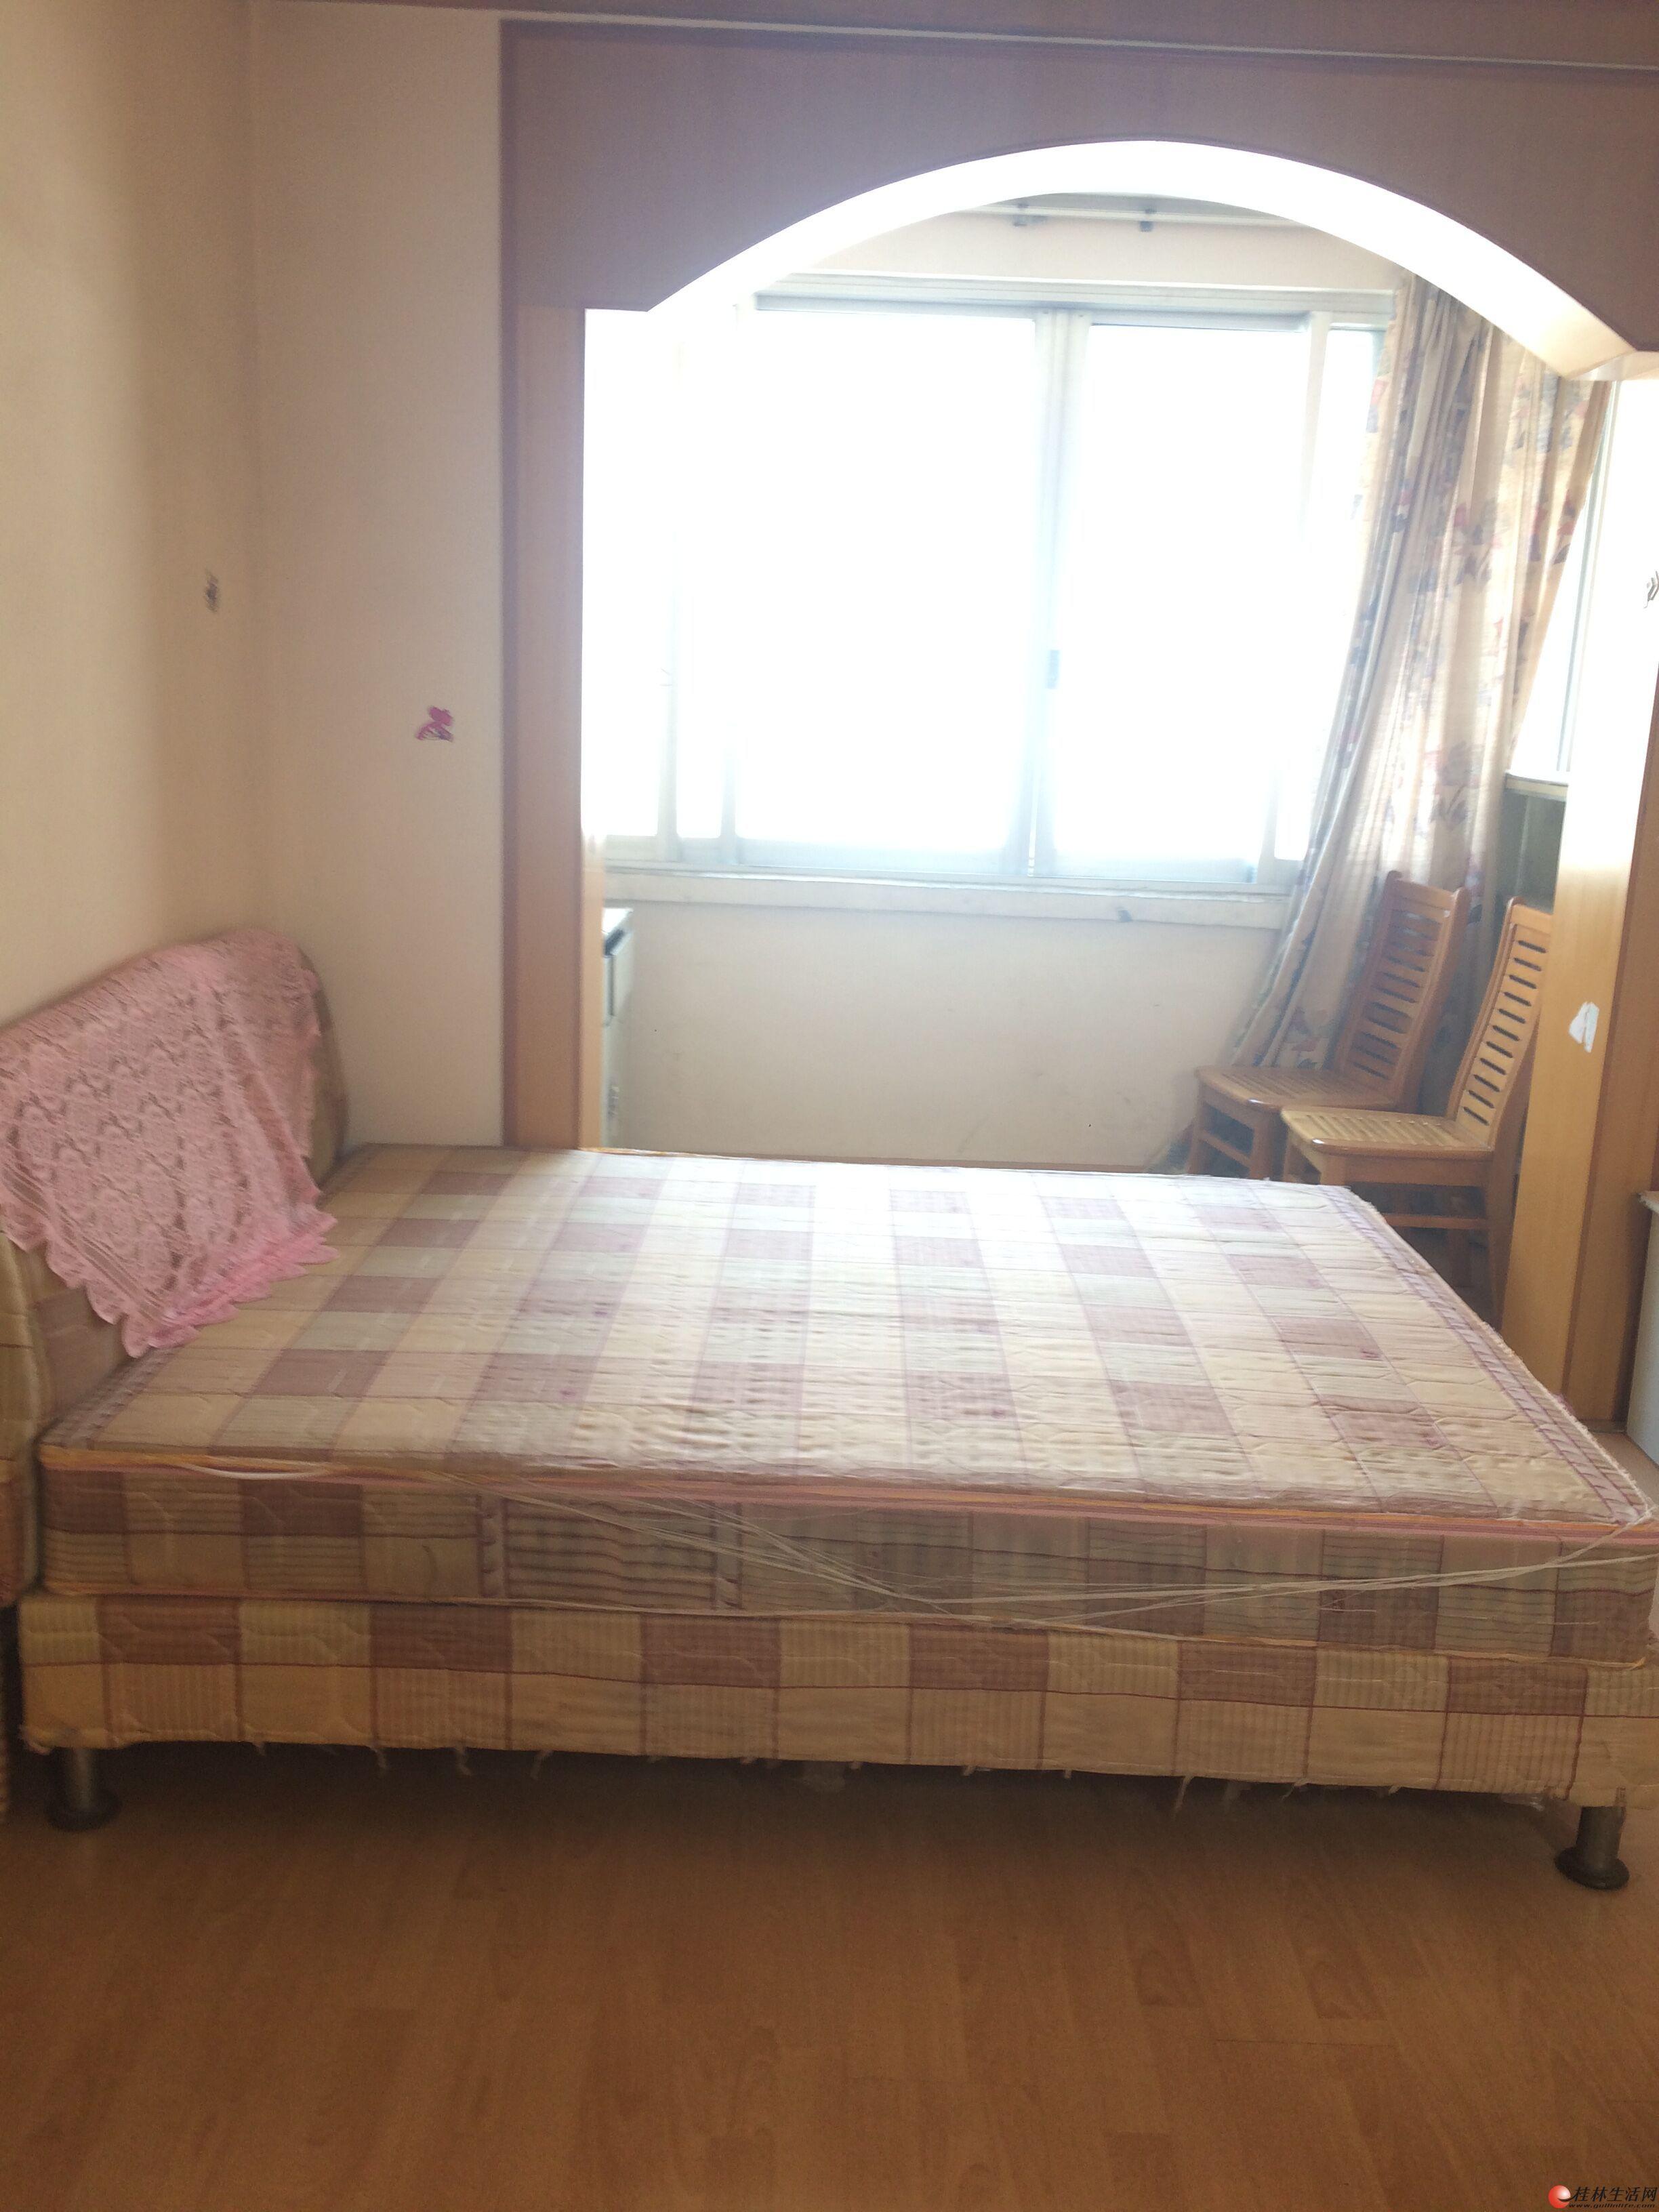 龙隐学区桂山宿舍1房1厅26万 可改2房